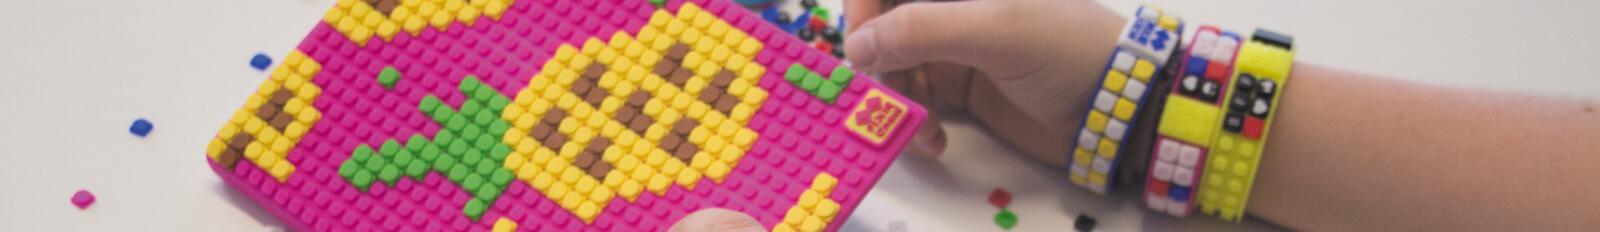 PIXIE CREW silikonový náramek s pixely na ruku